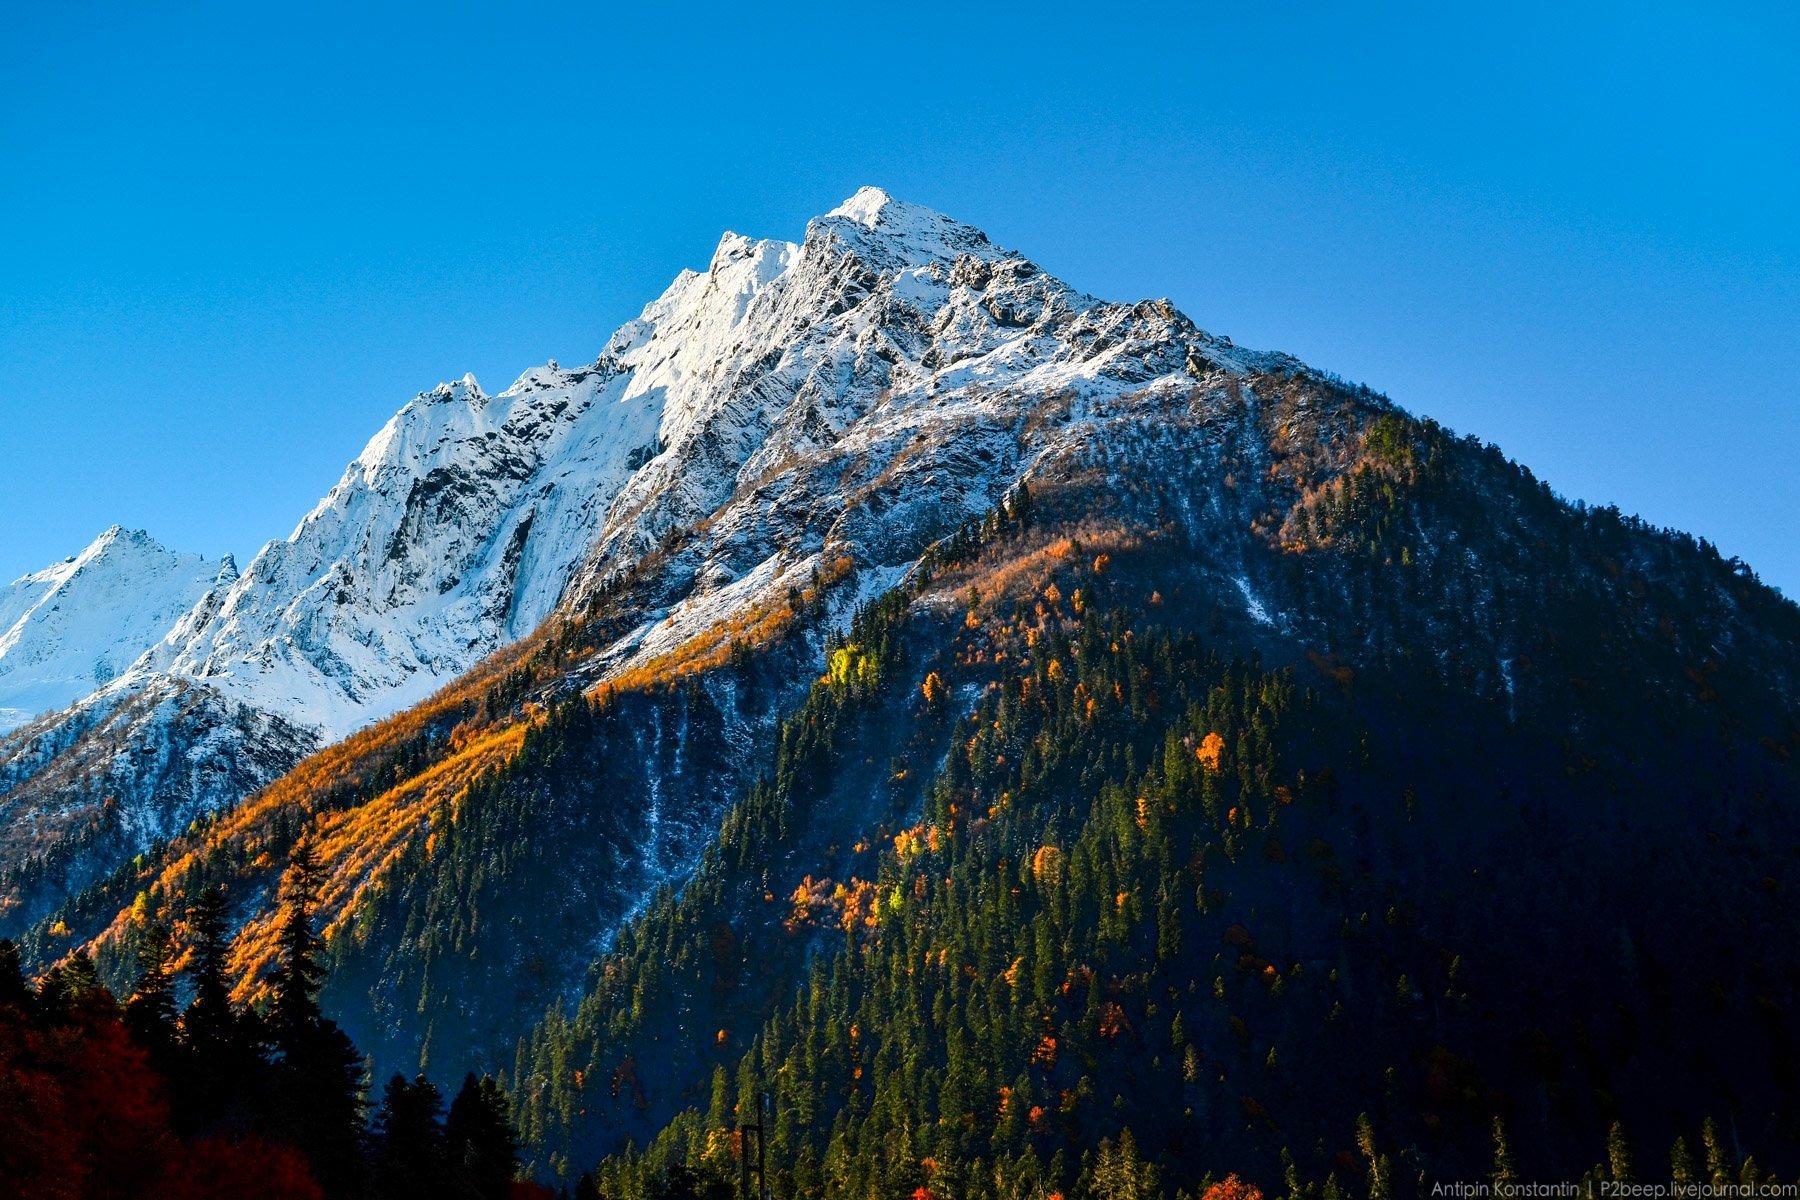 позиций, картинки горы красивые домбай освоения